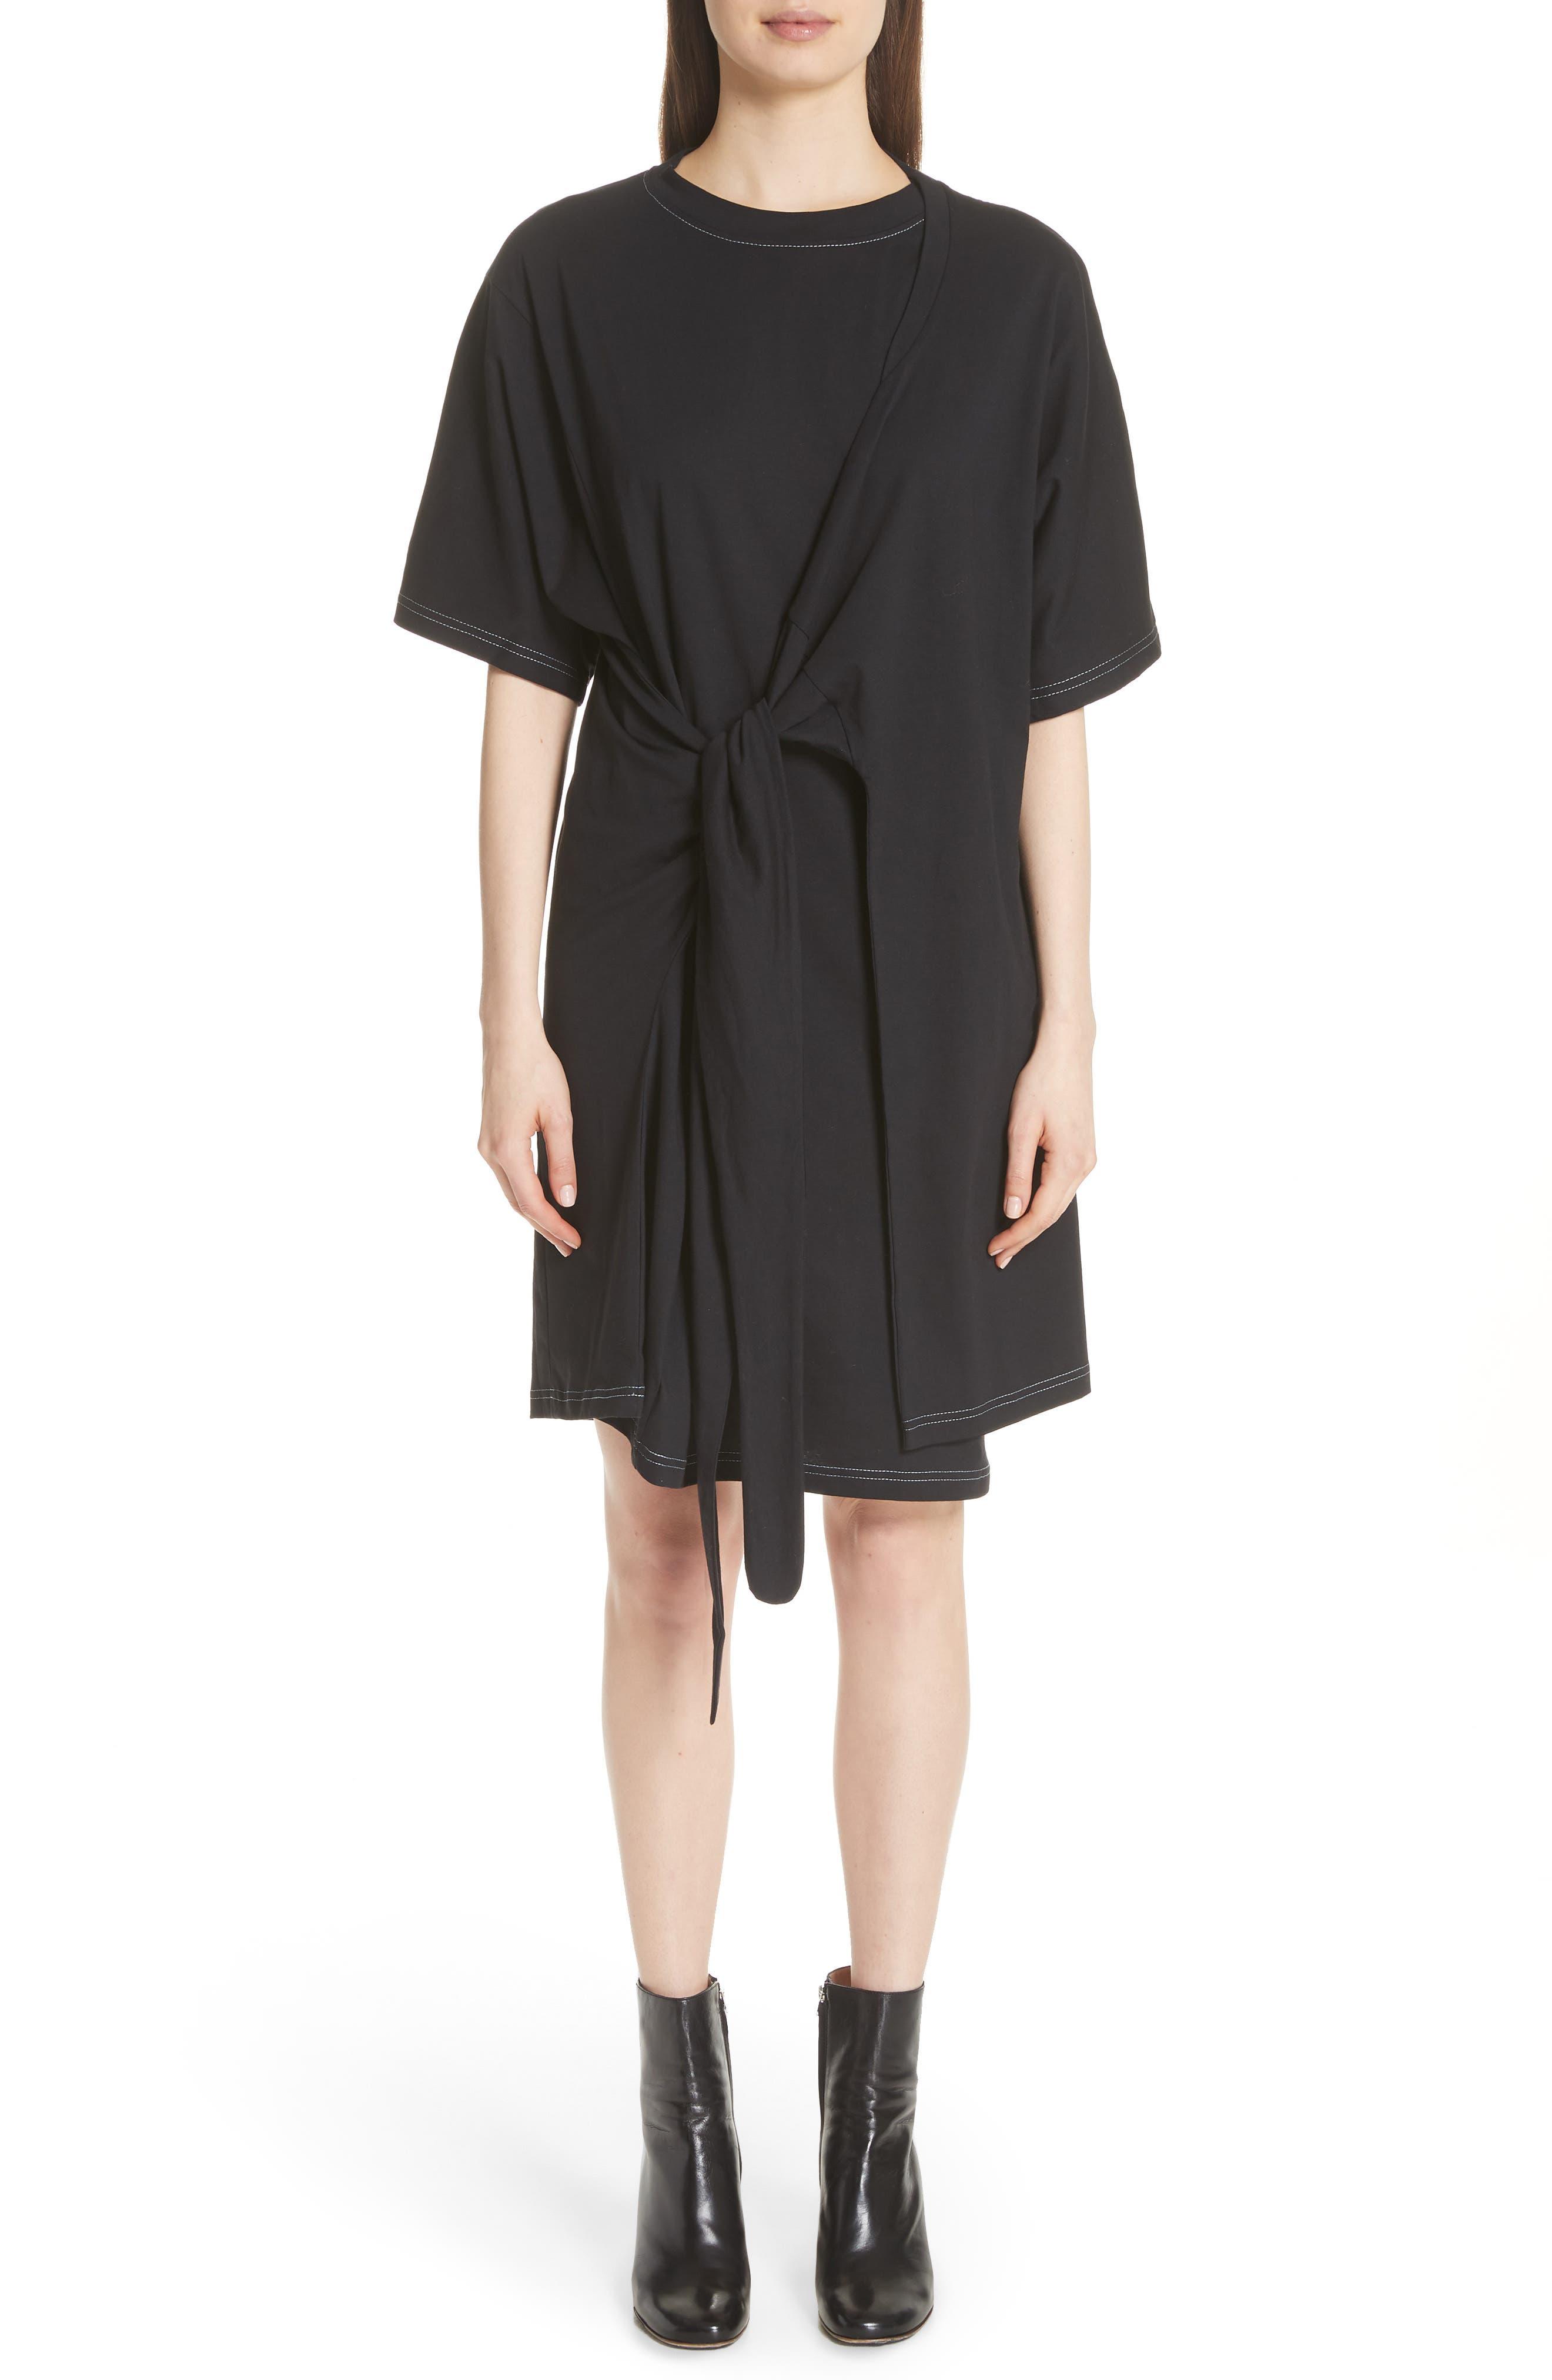 Acne Studios Lylia Tee Dress